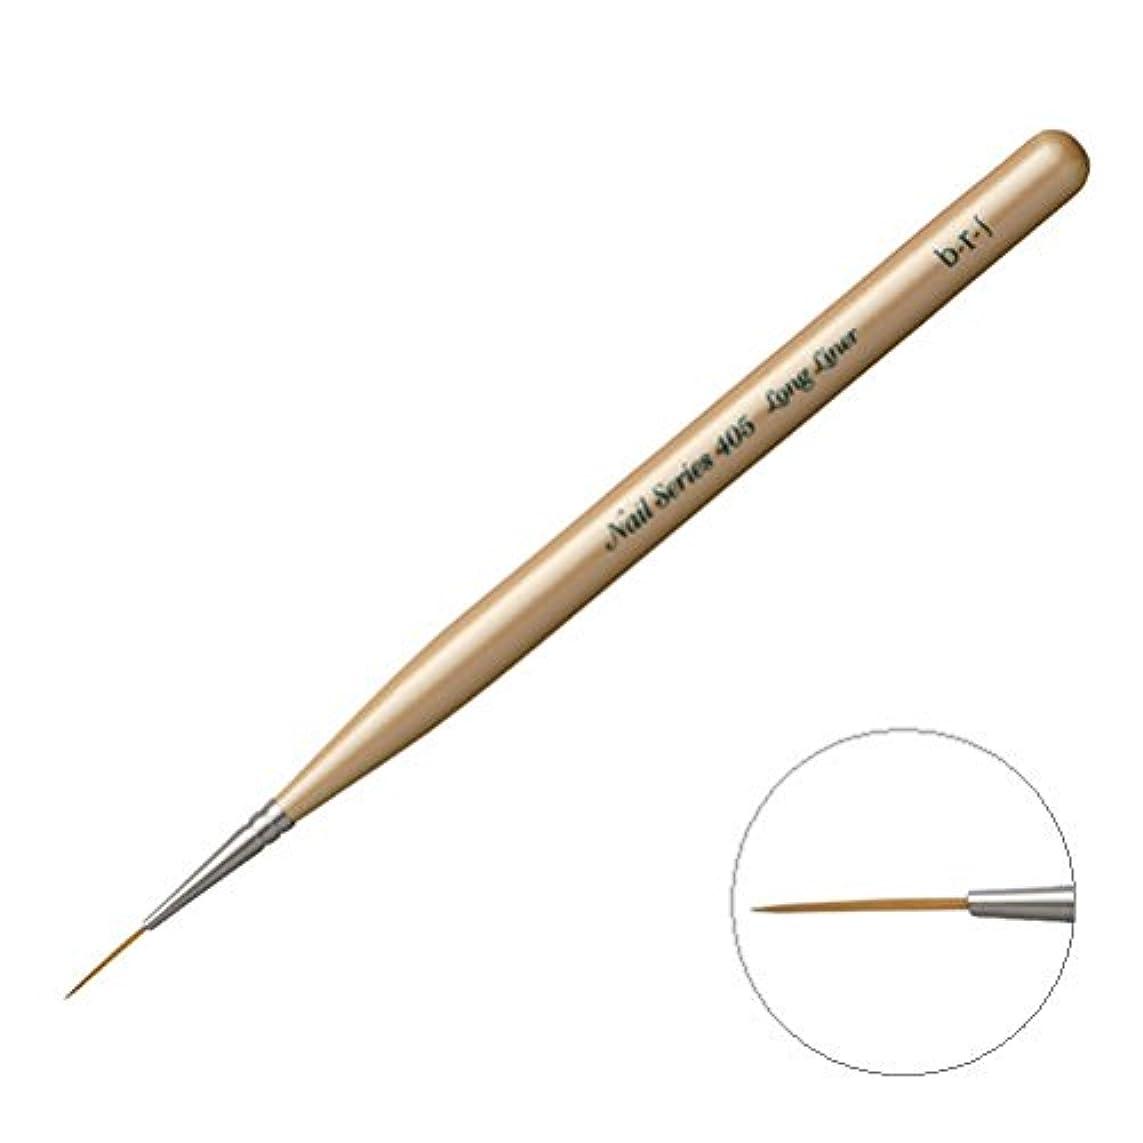 ナイトスポットそれにもかかわらず違反ブルーシュ ロングライナーブラシ 405 全長136mm ナイロン毛